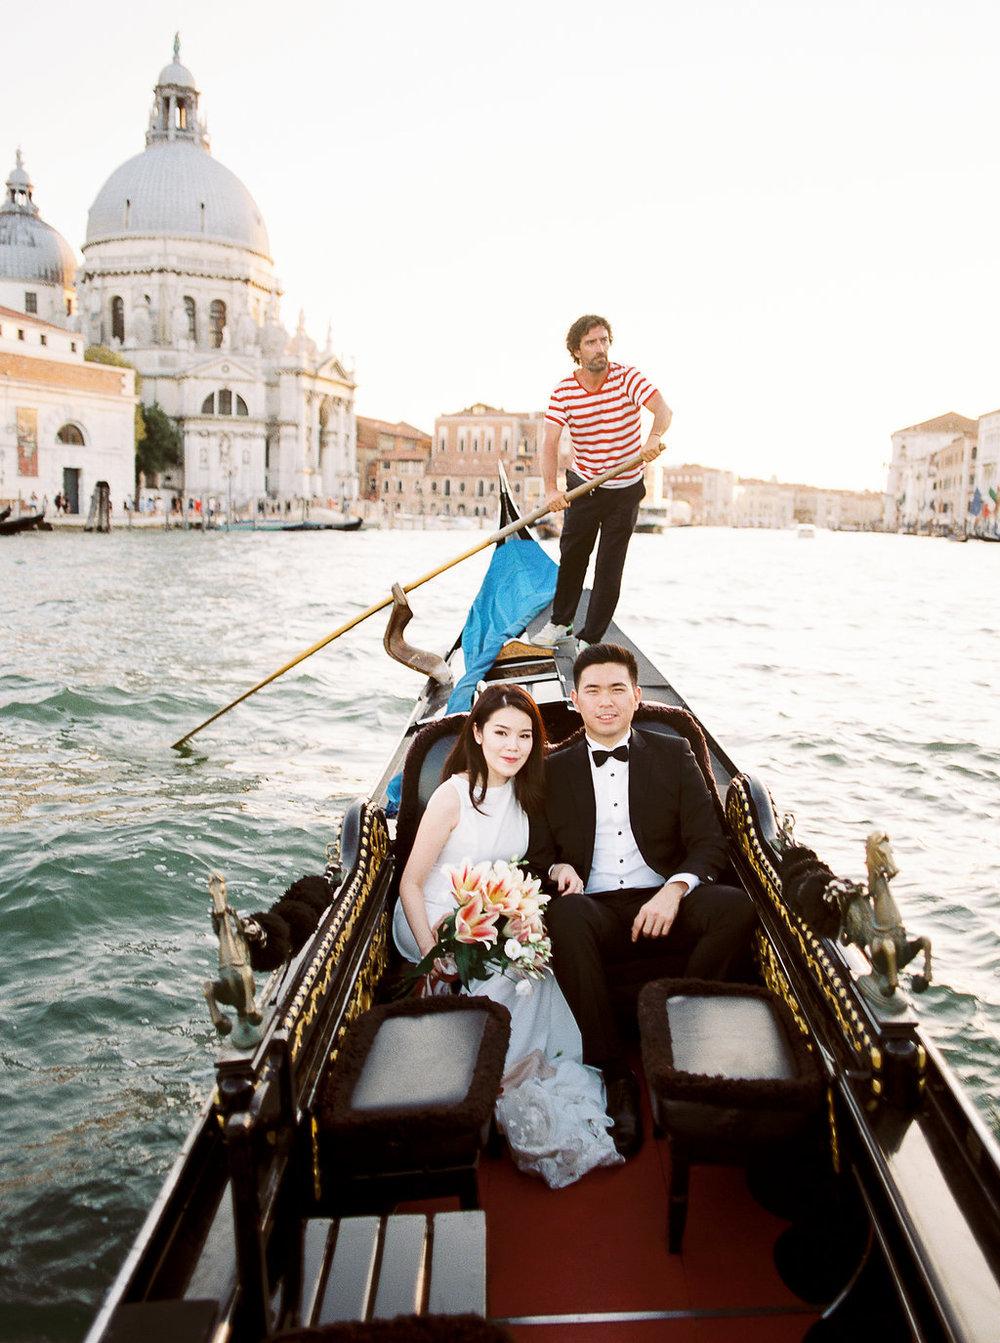 Destination pre-wedding session in Venice Italy | Tanja Kibogo photography1.JPG